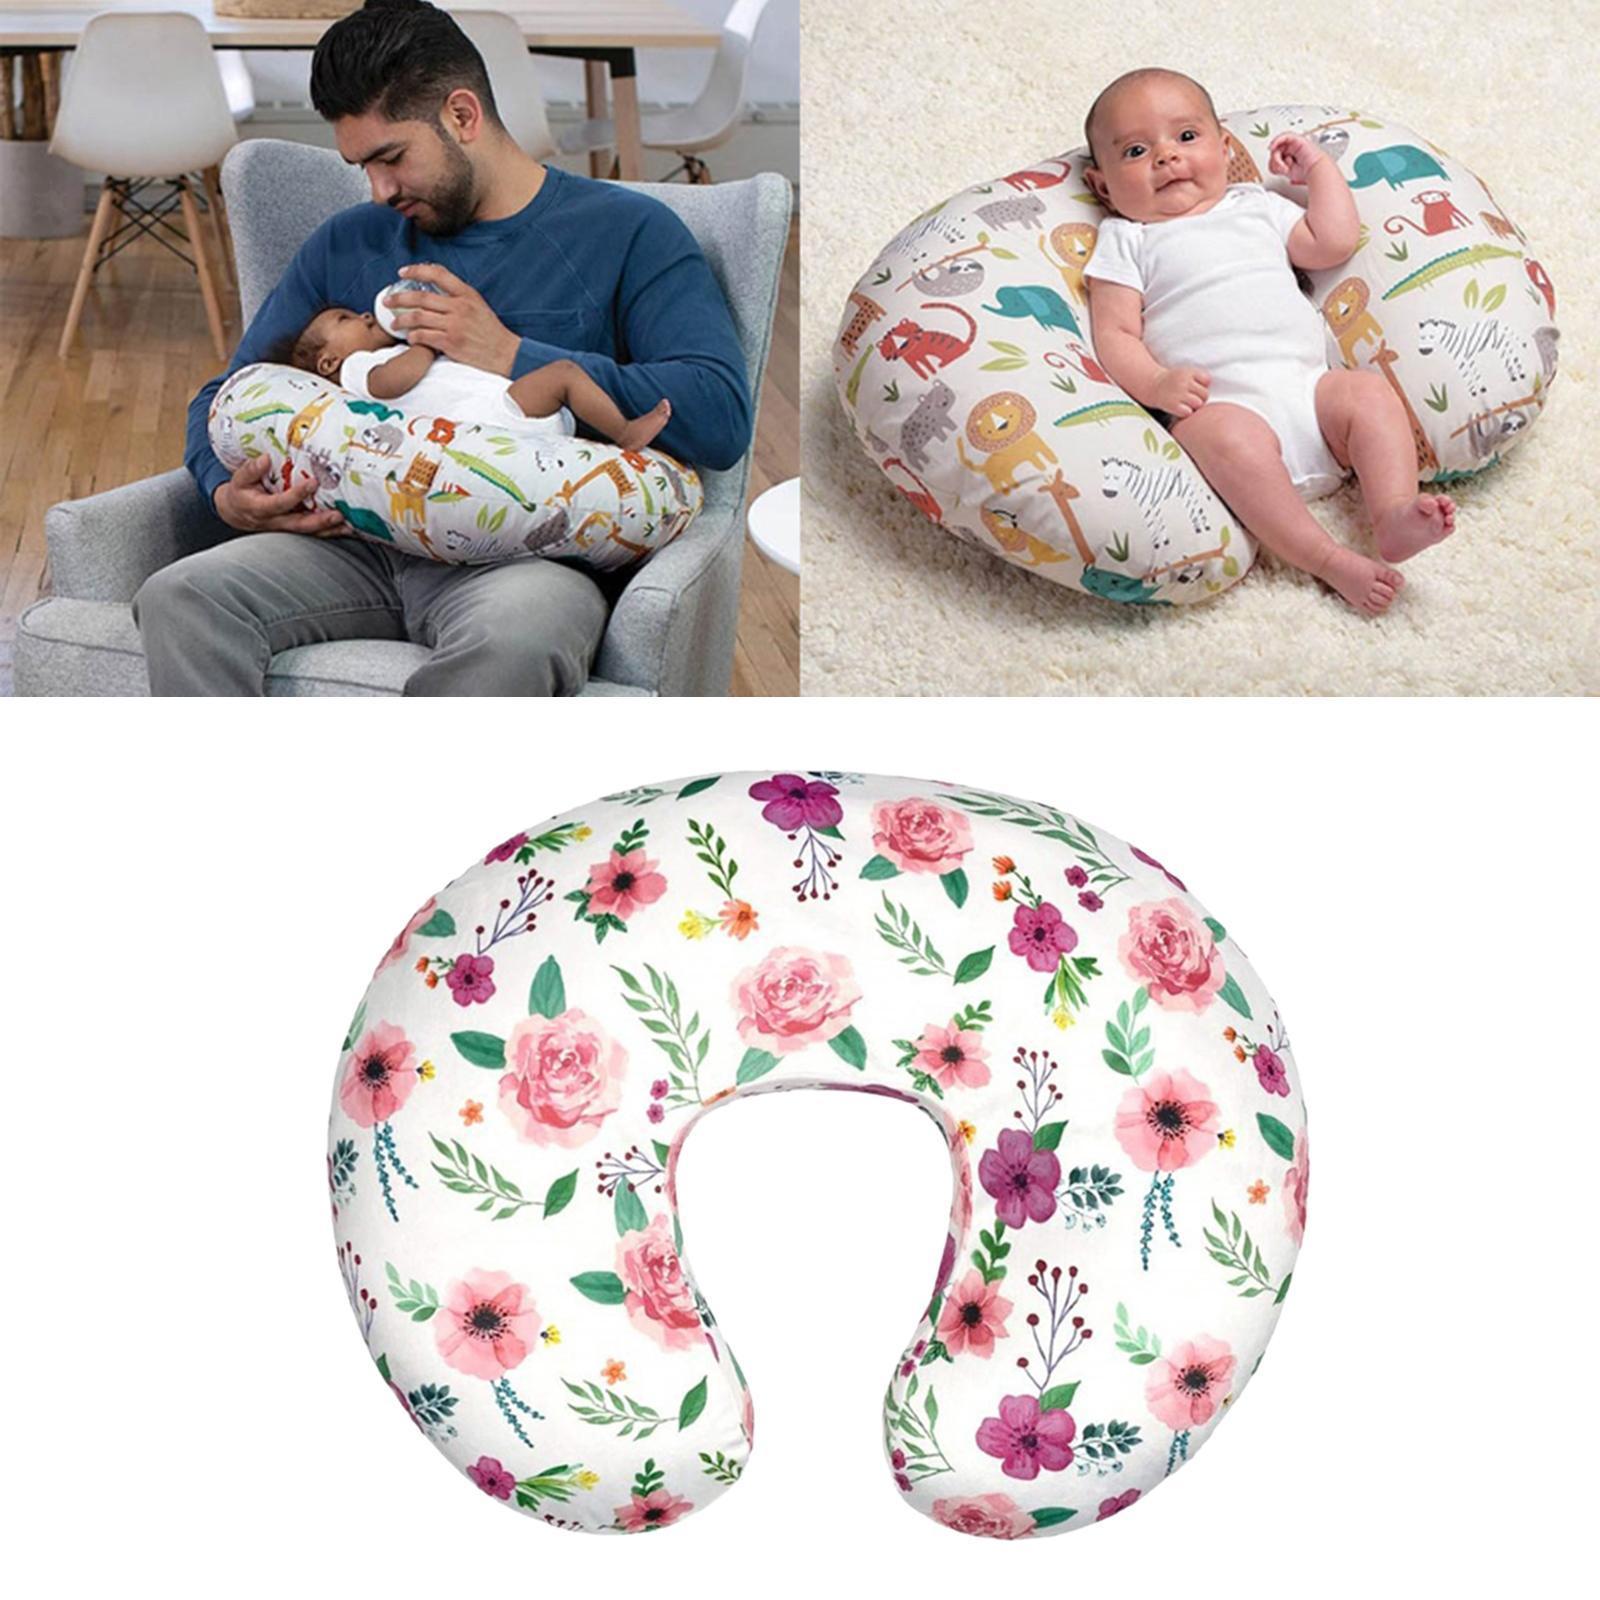 miniatura 5 - Cuscino per l'allattamento Cuscini per l'allattamento per la maternità del